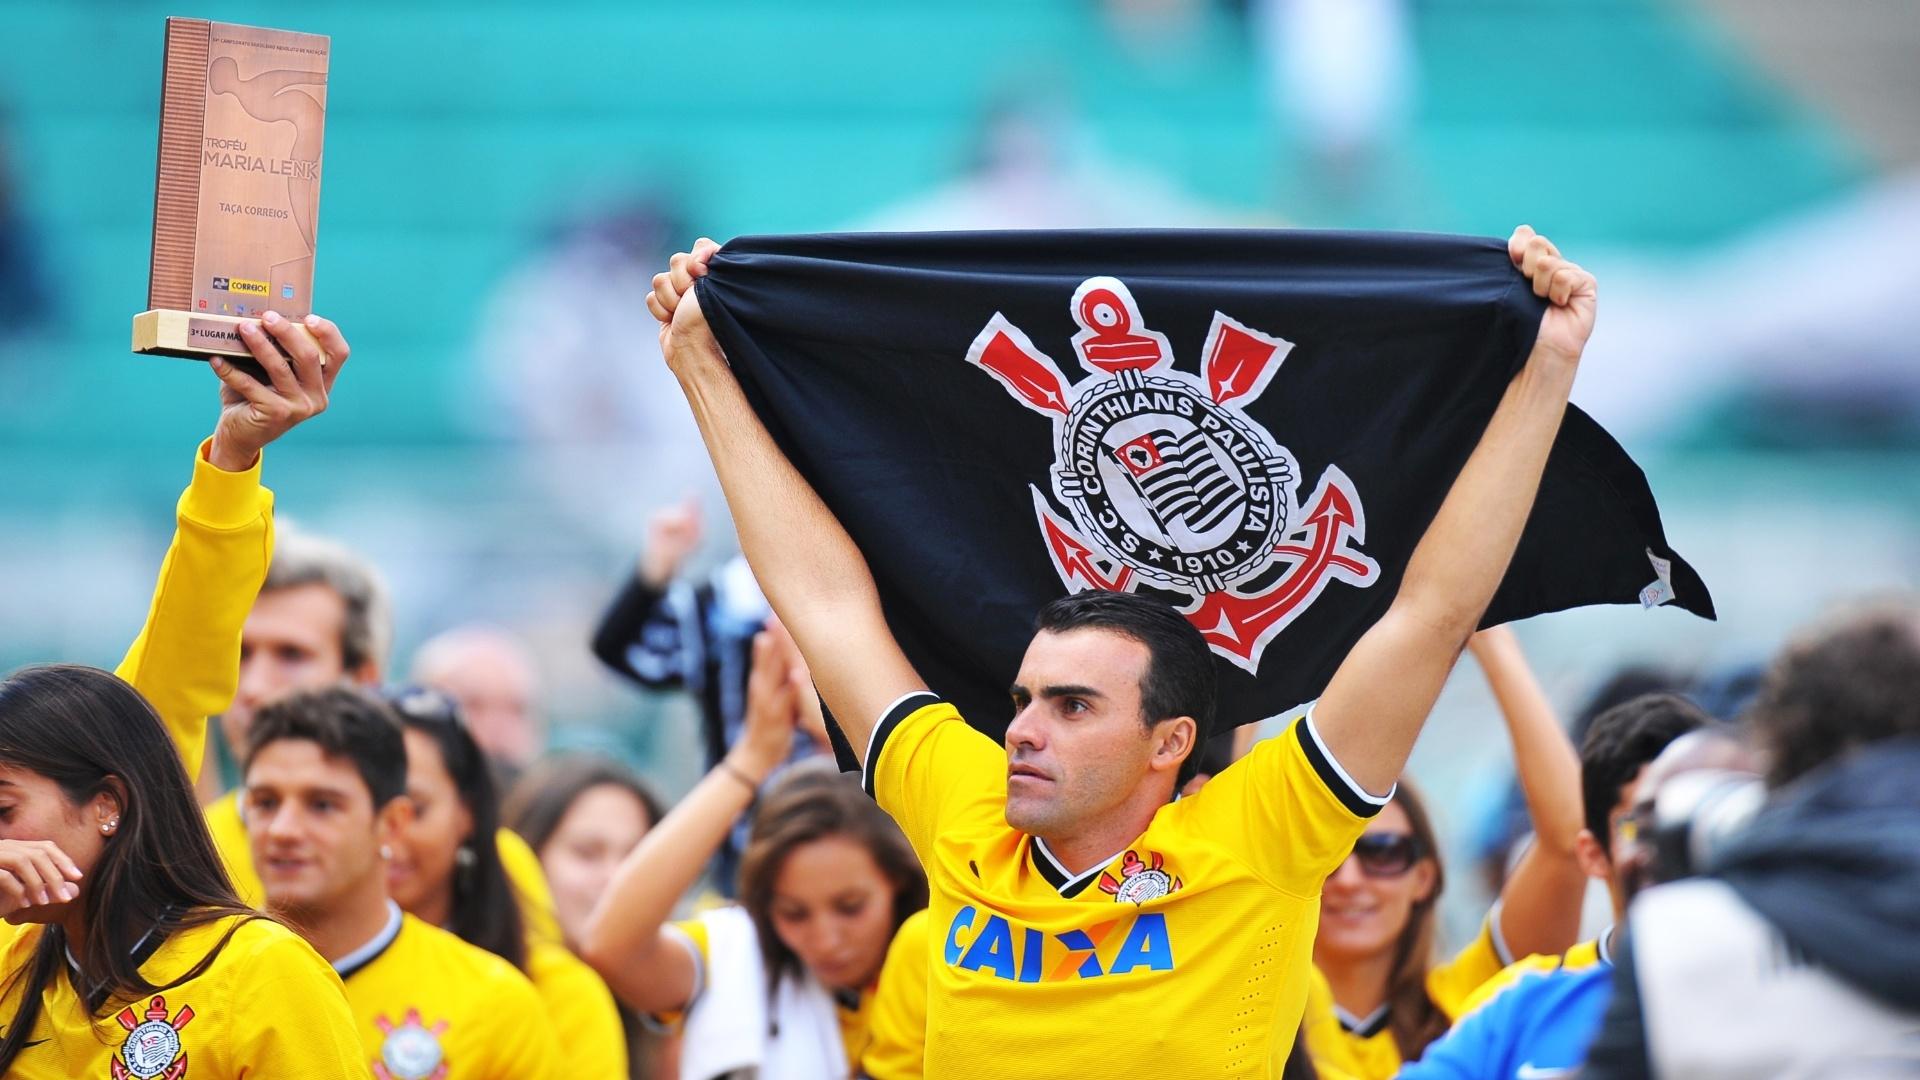 Torcedor corintiano exibe bandeira do clube antes do confronto com o Flamengo, pela segunda rodada do Brasileirão 27.abr.2014